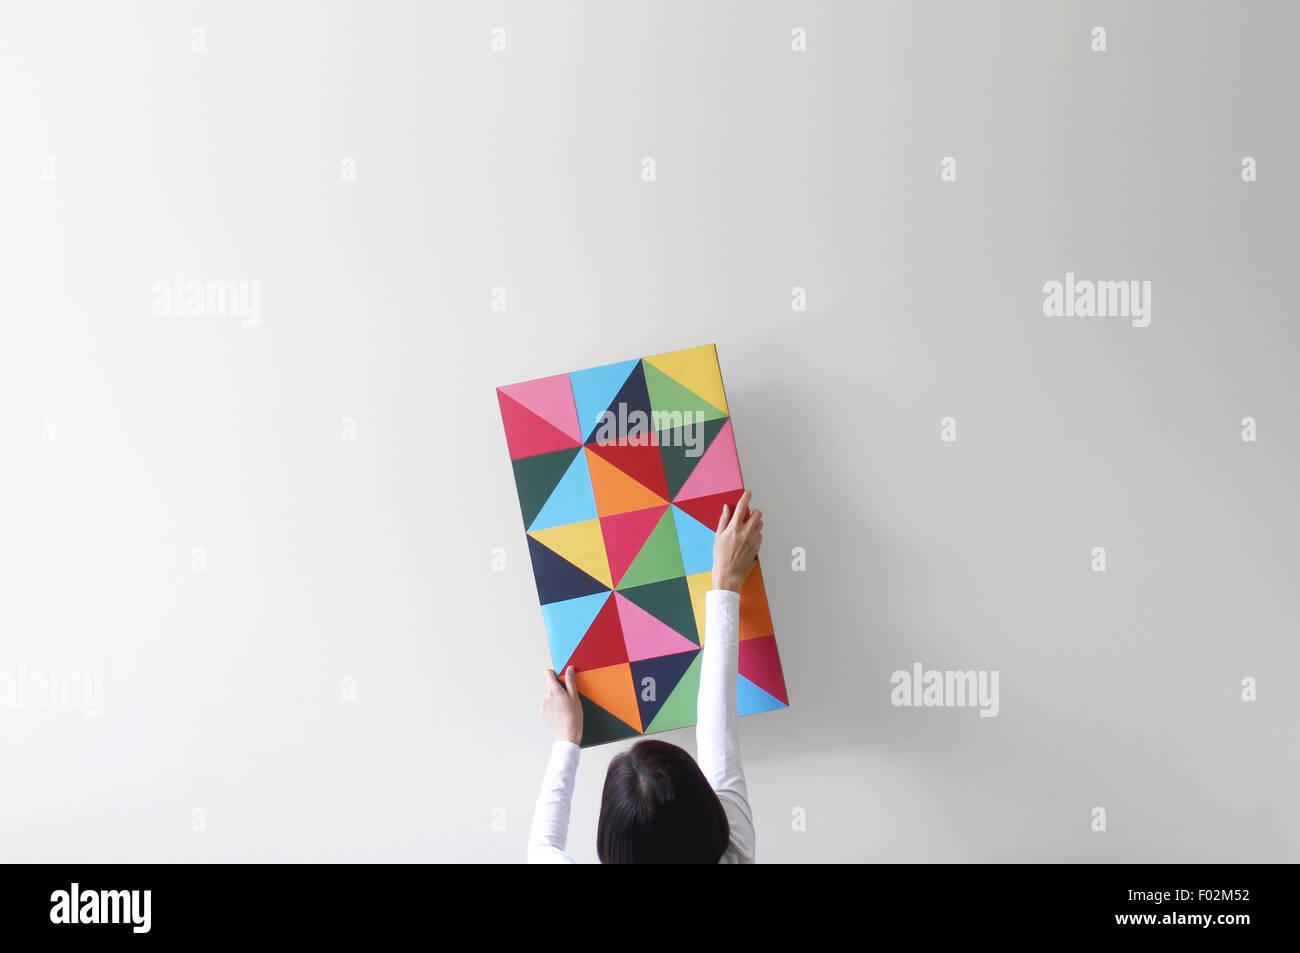 Donna decorare una parete bianca e vuota con illustrazioni colorate Immagini Stock